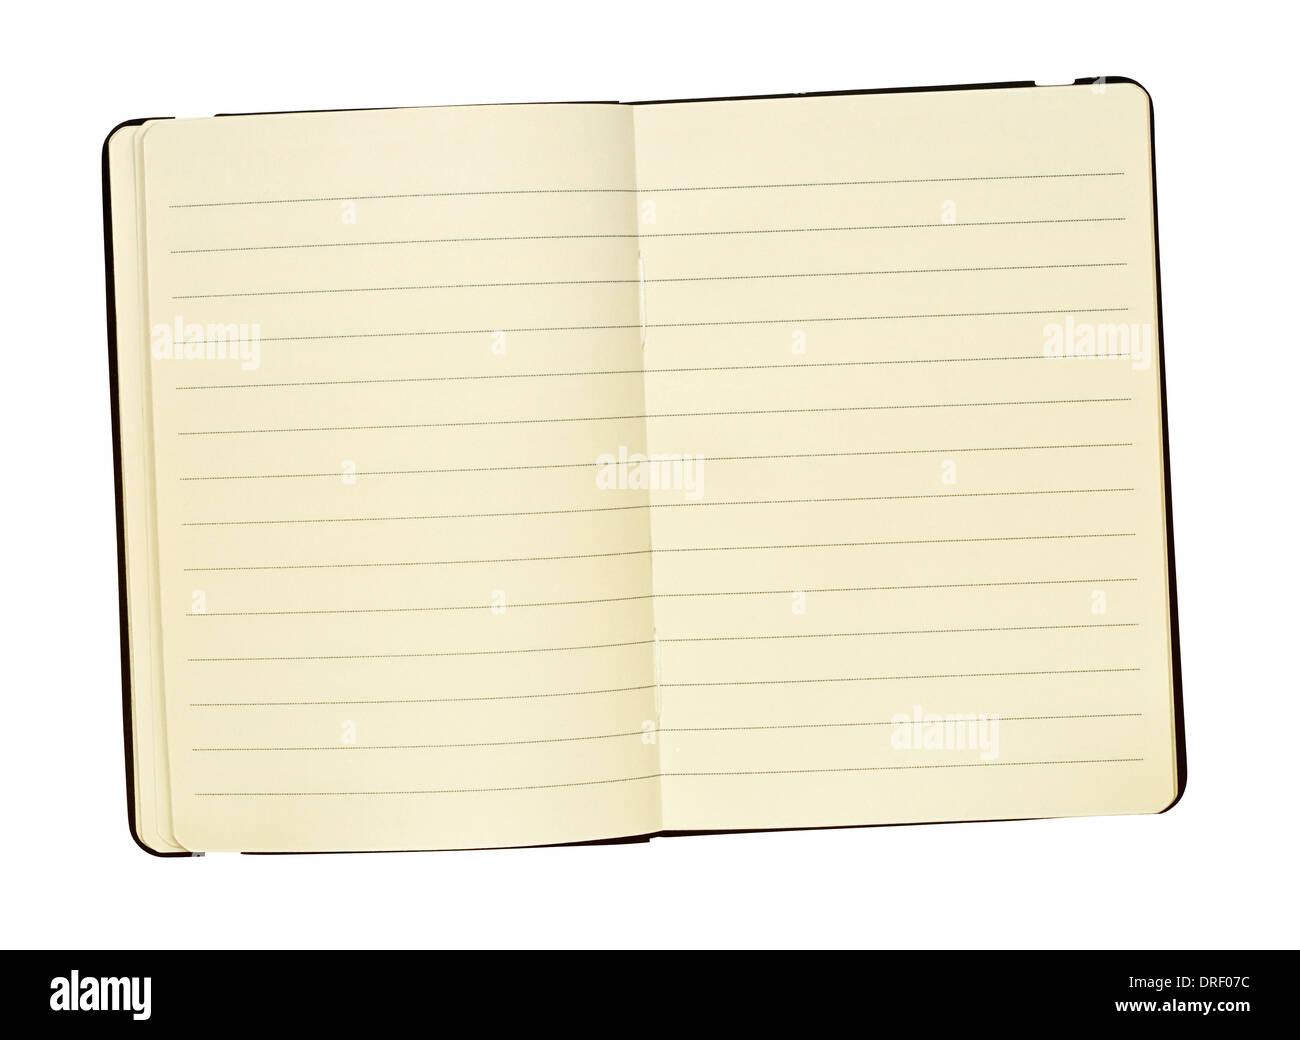 Un format de poche relié en cuir à un journal pour garder une trace écrite de la main des souvenirs, super pour les mises en page du magazine. Photo Stock